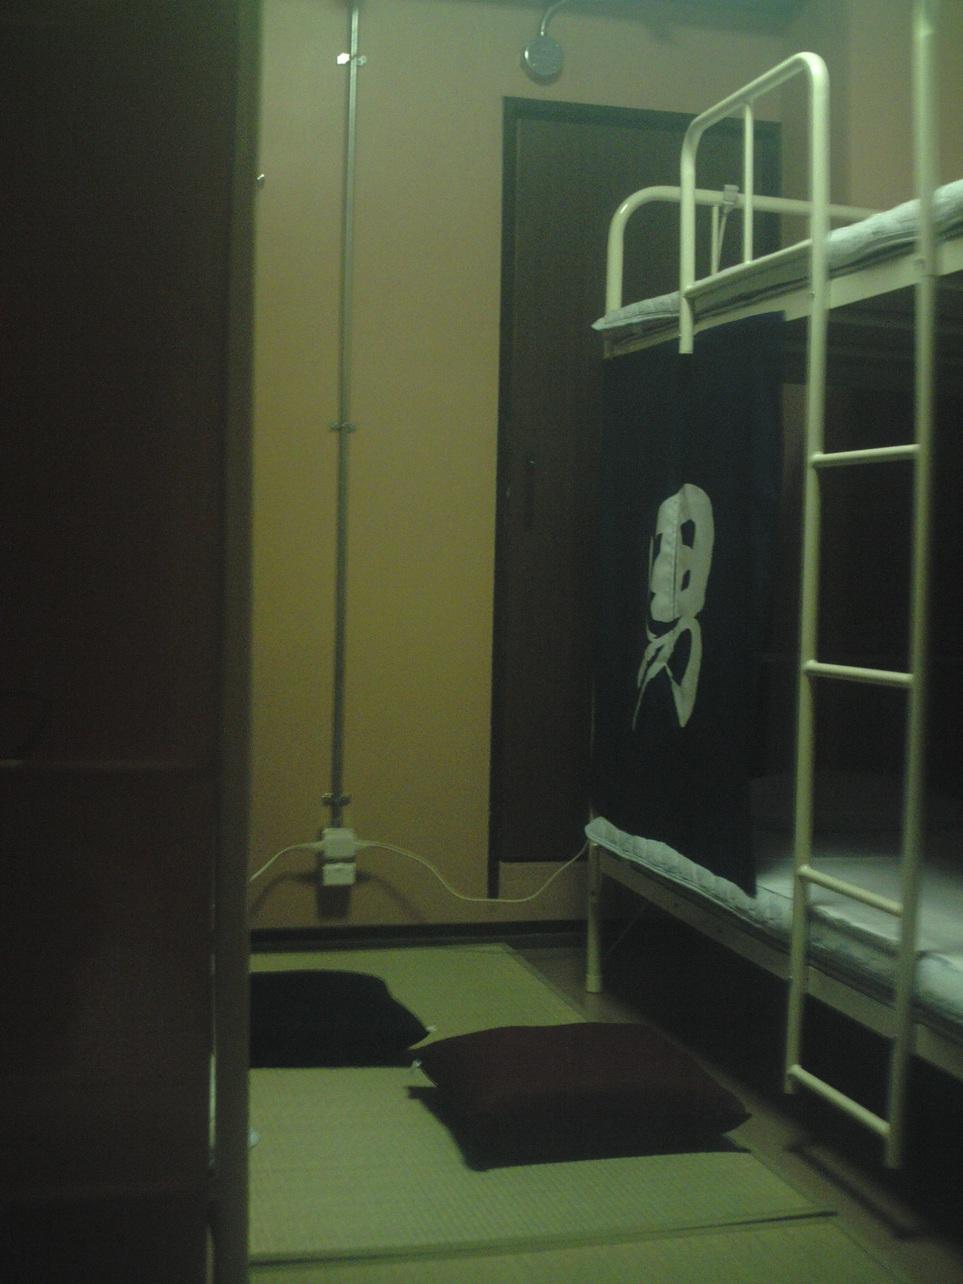 グループ・ファミリー3~4人部屋の室内